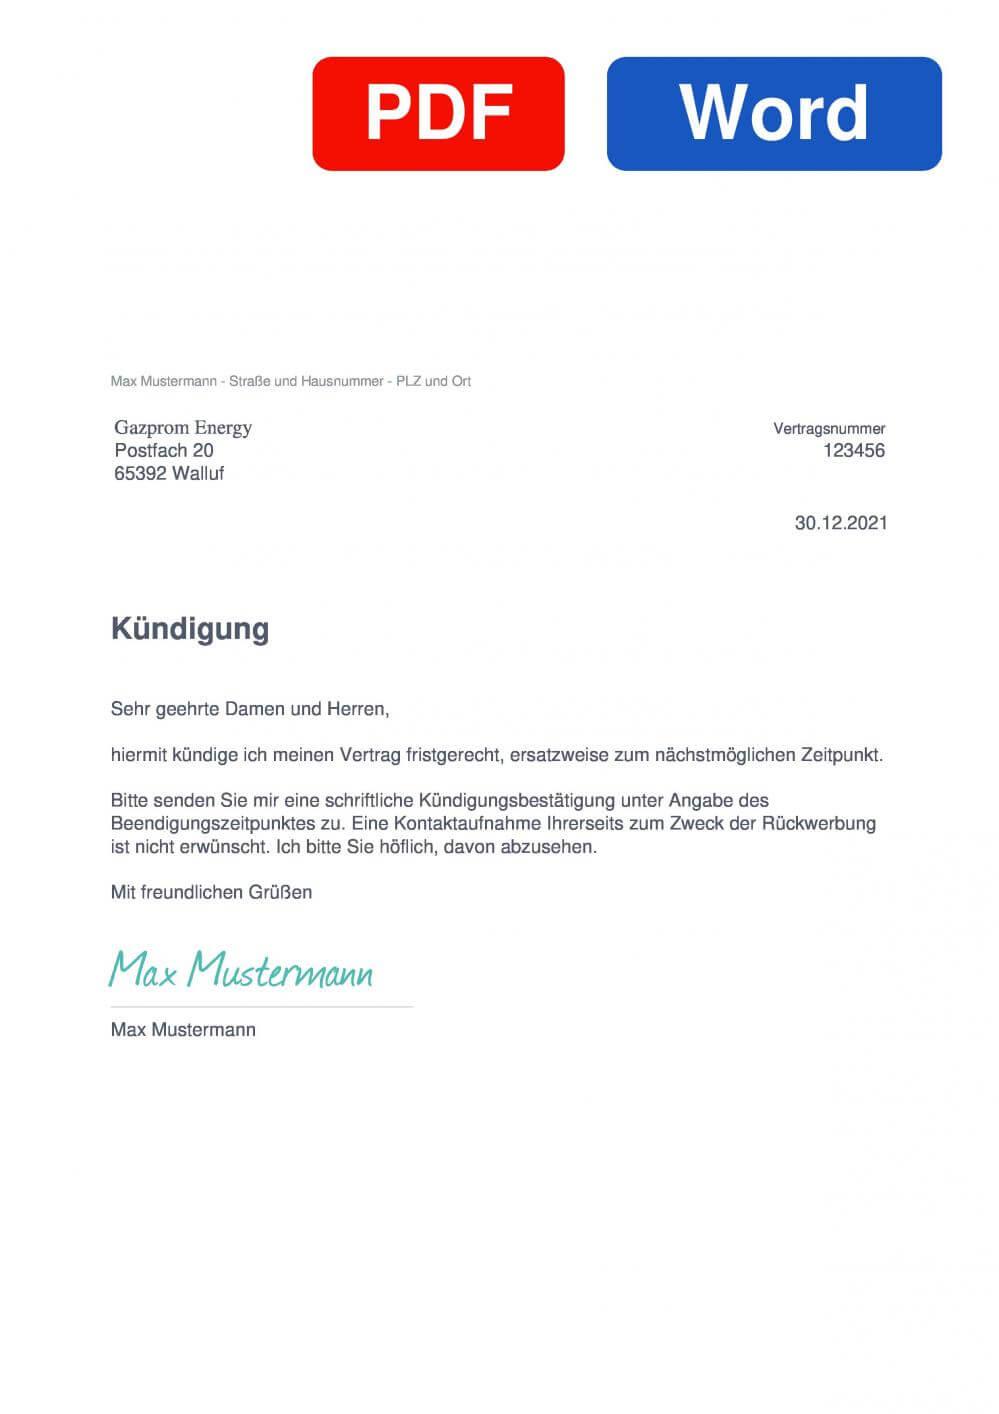 Gazprom Energy Muster Vorlage für Kündigungsschreiben